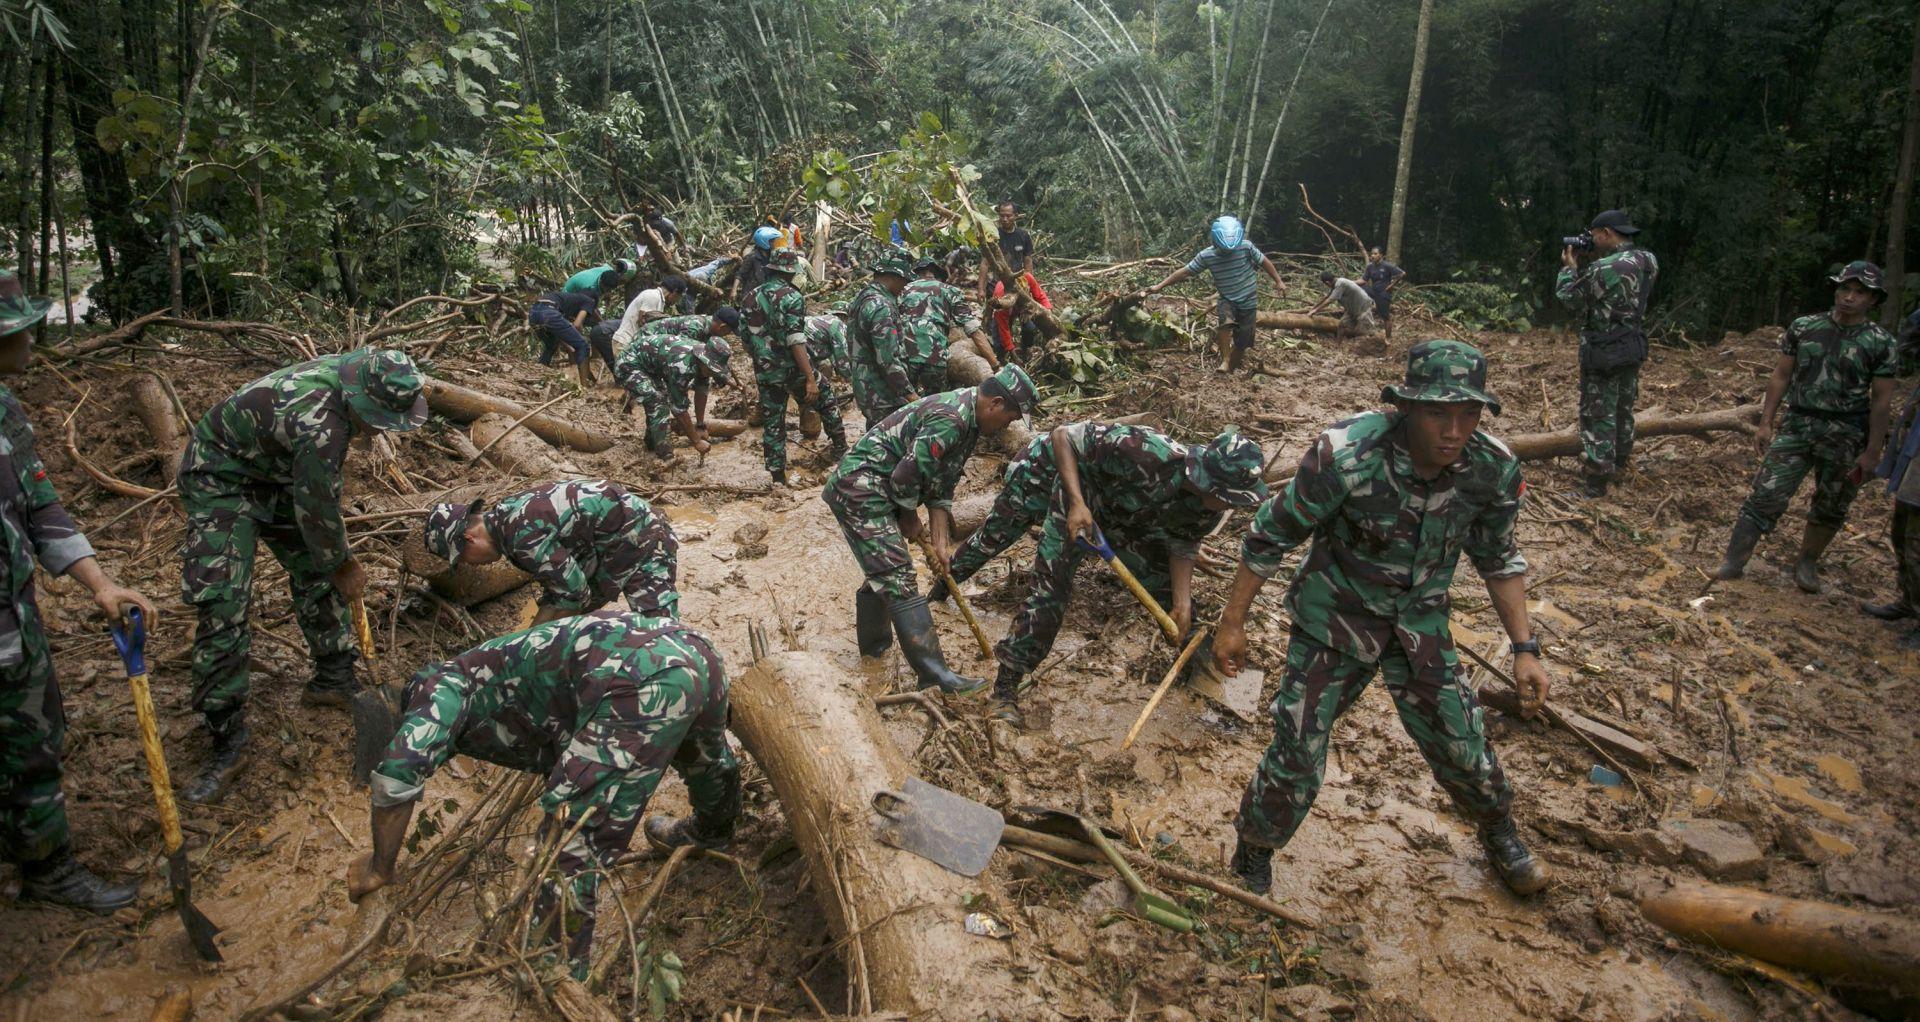 POTRAGA ZA NESTALIMA: U Indoneziji 47 žrtava u poplavama i odronima tla